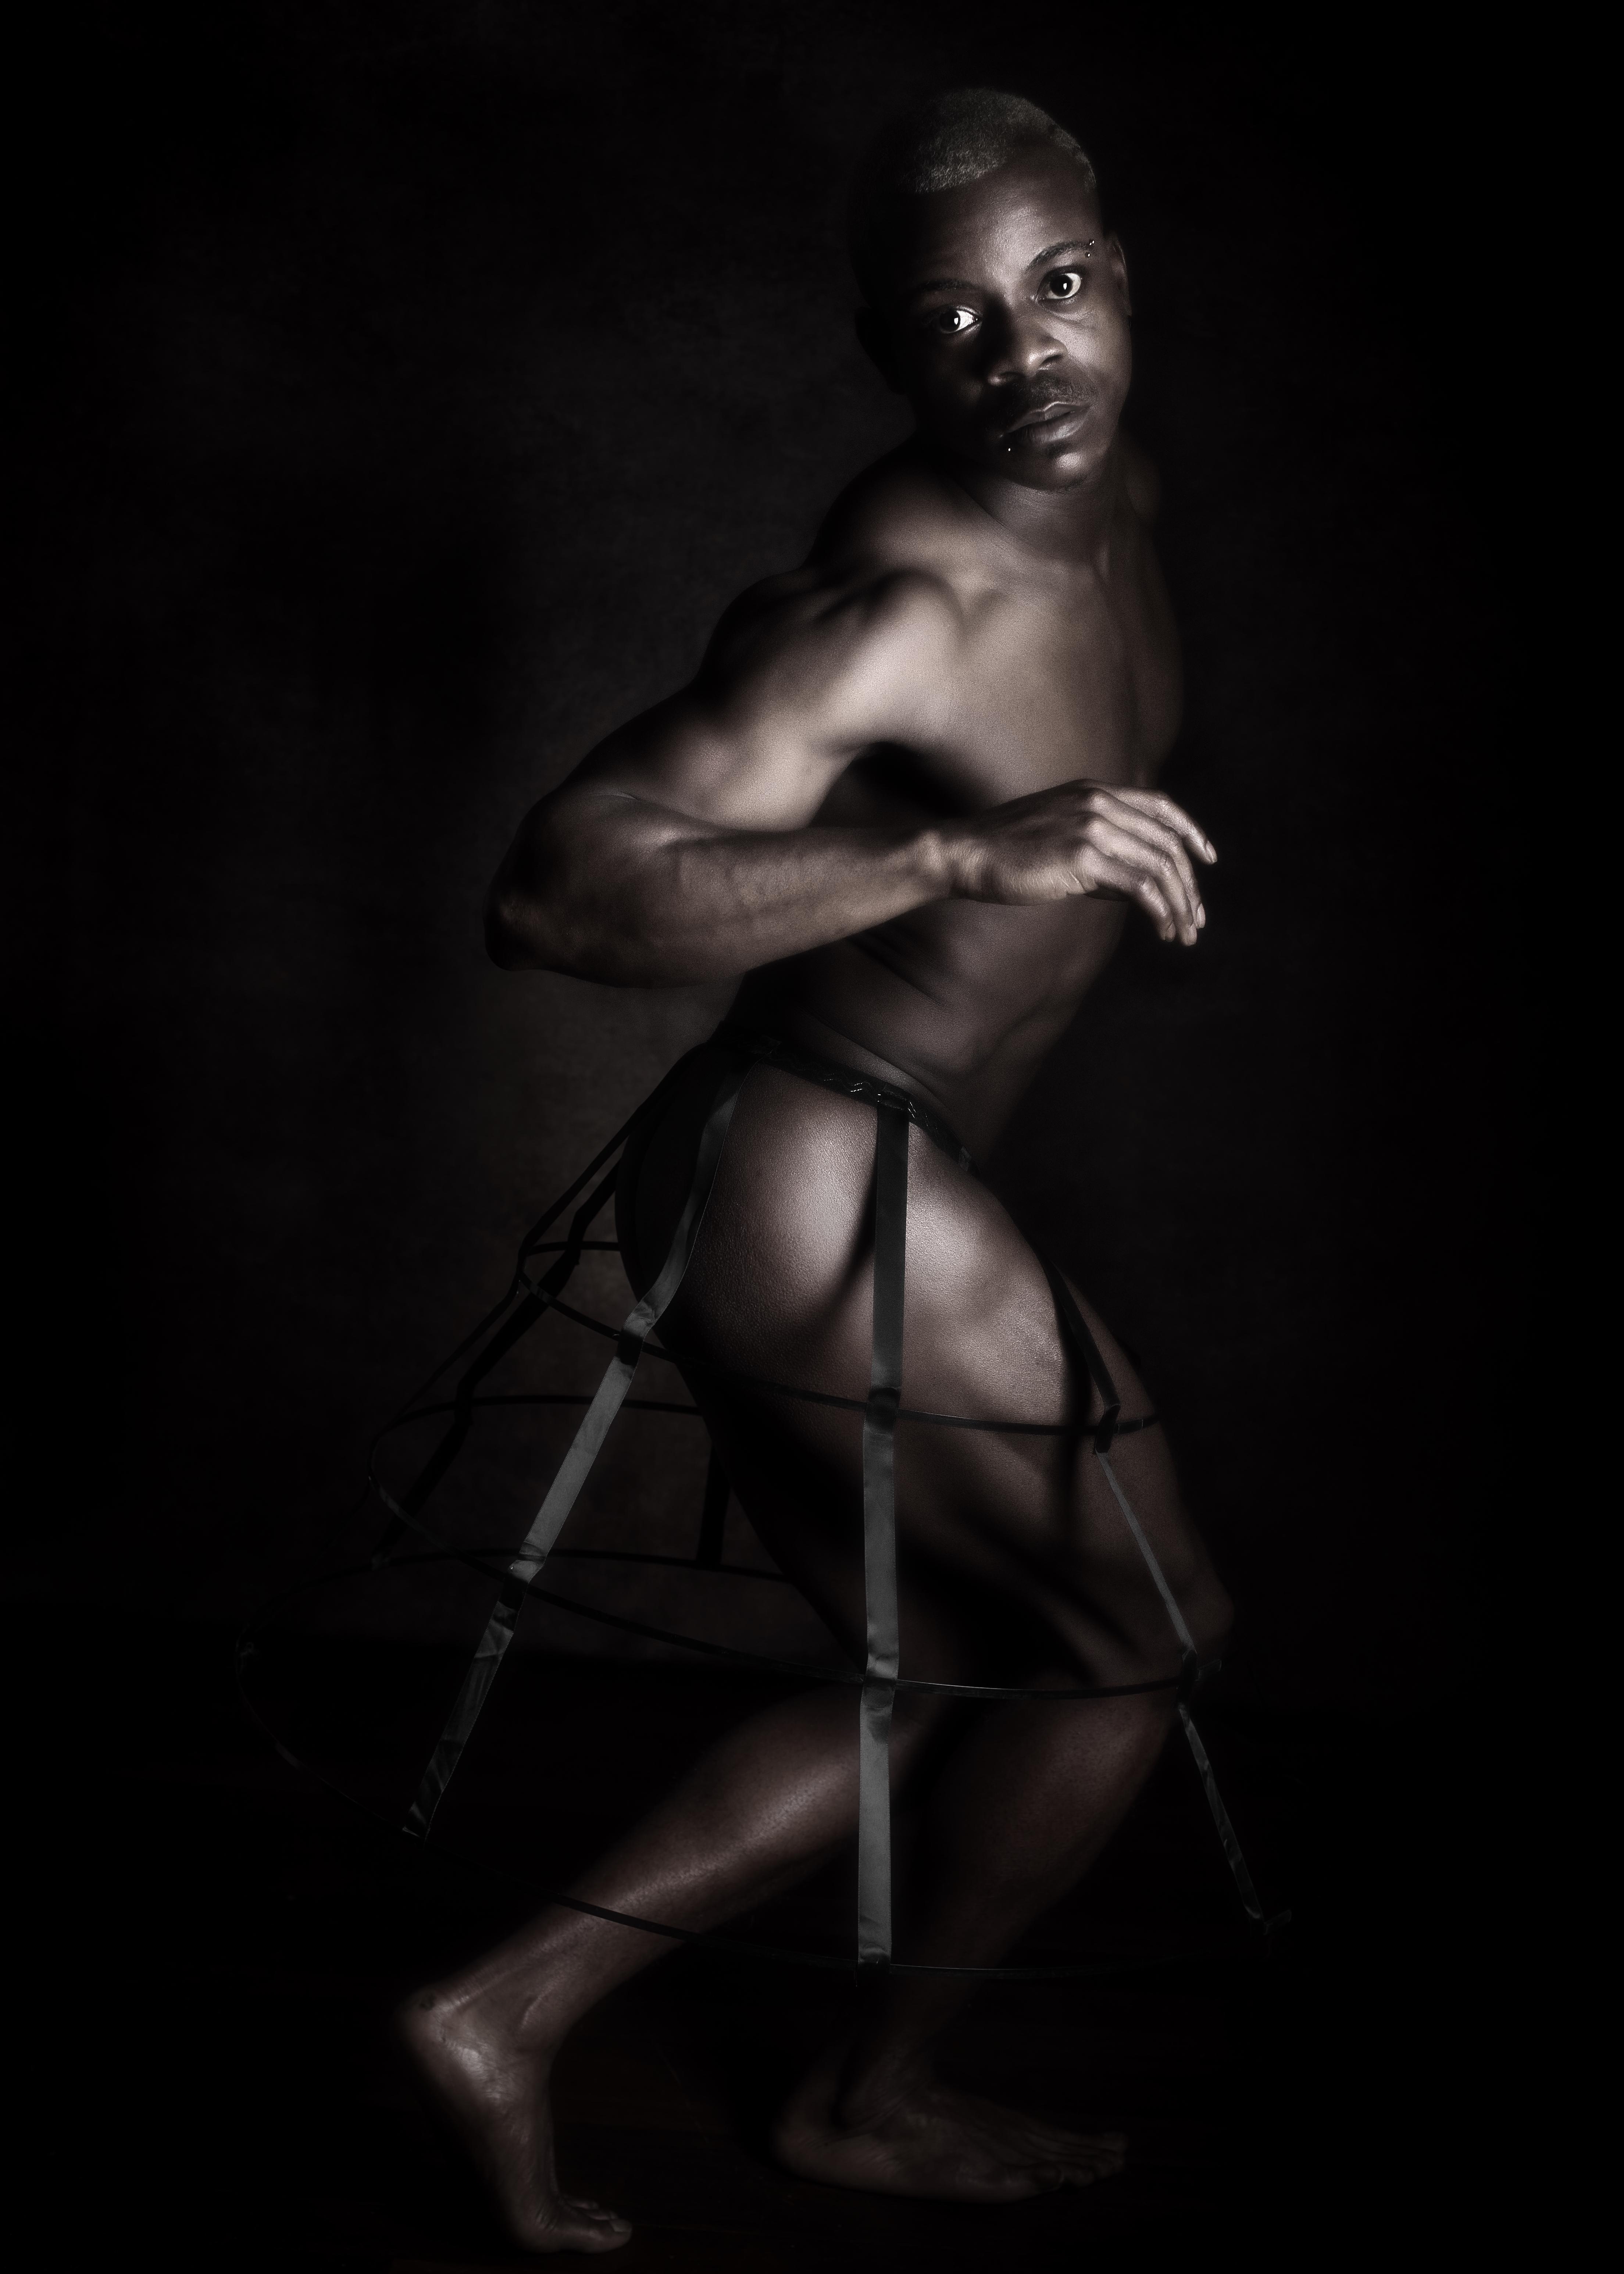 homme black modèle en nu artistique clair obscur en crinoline